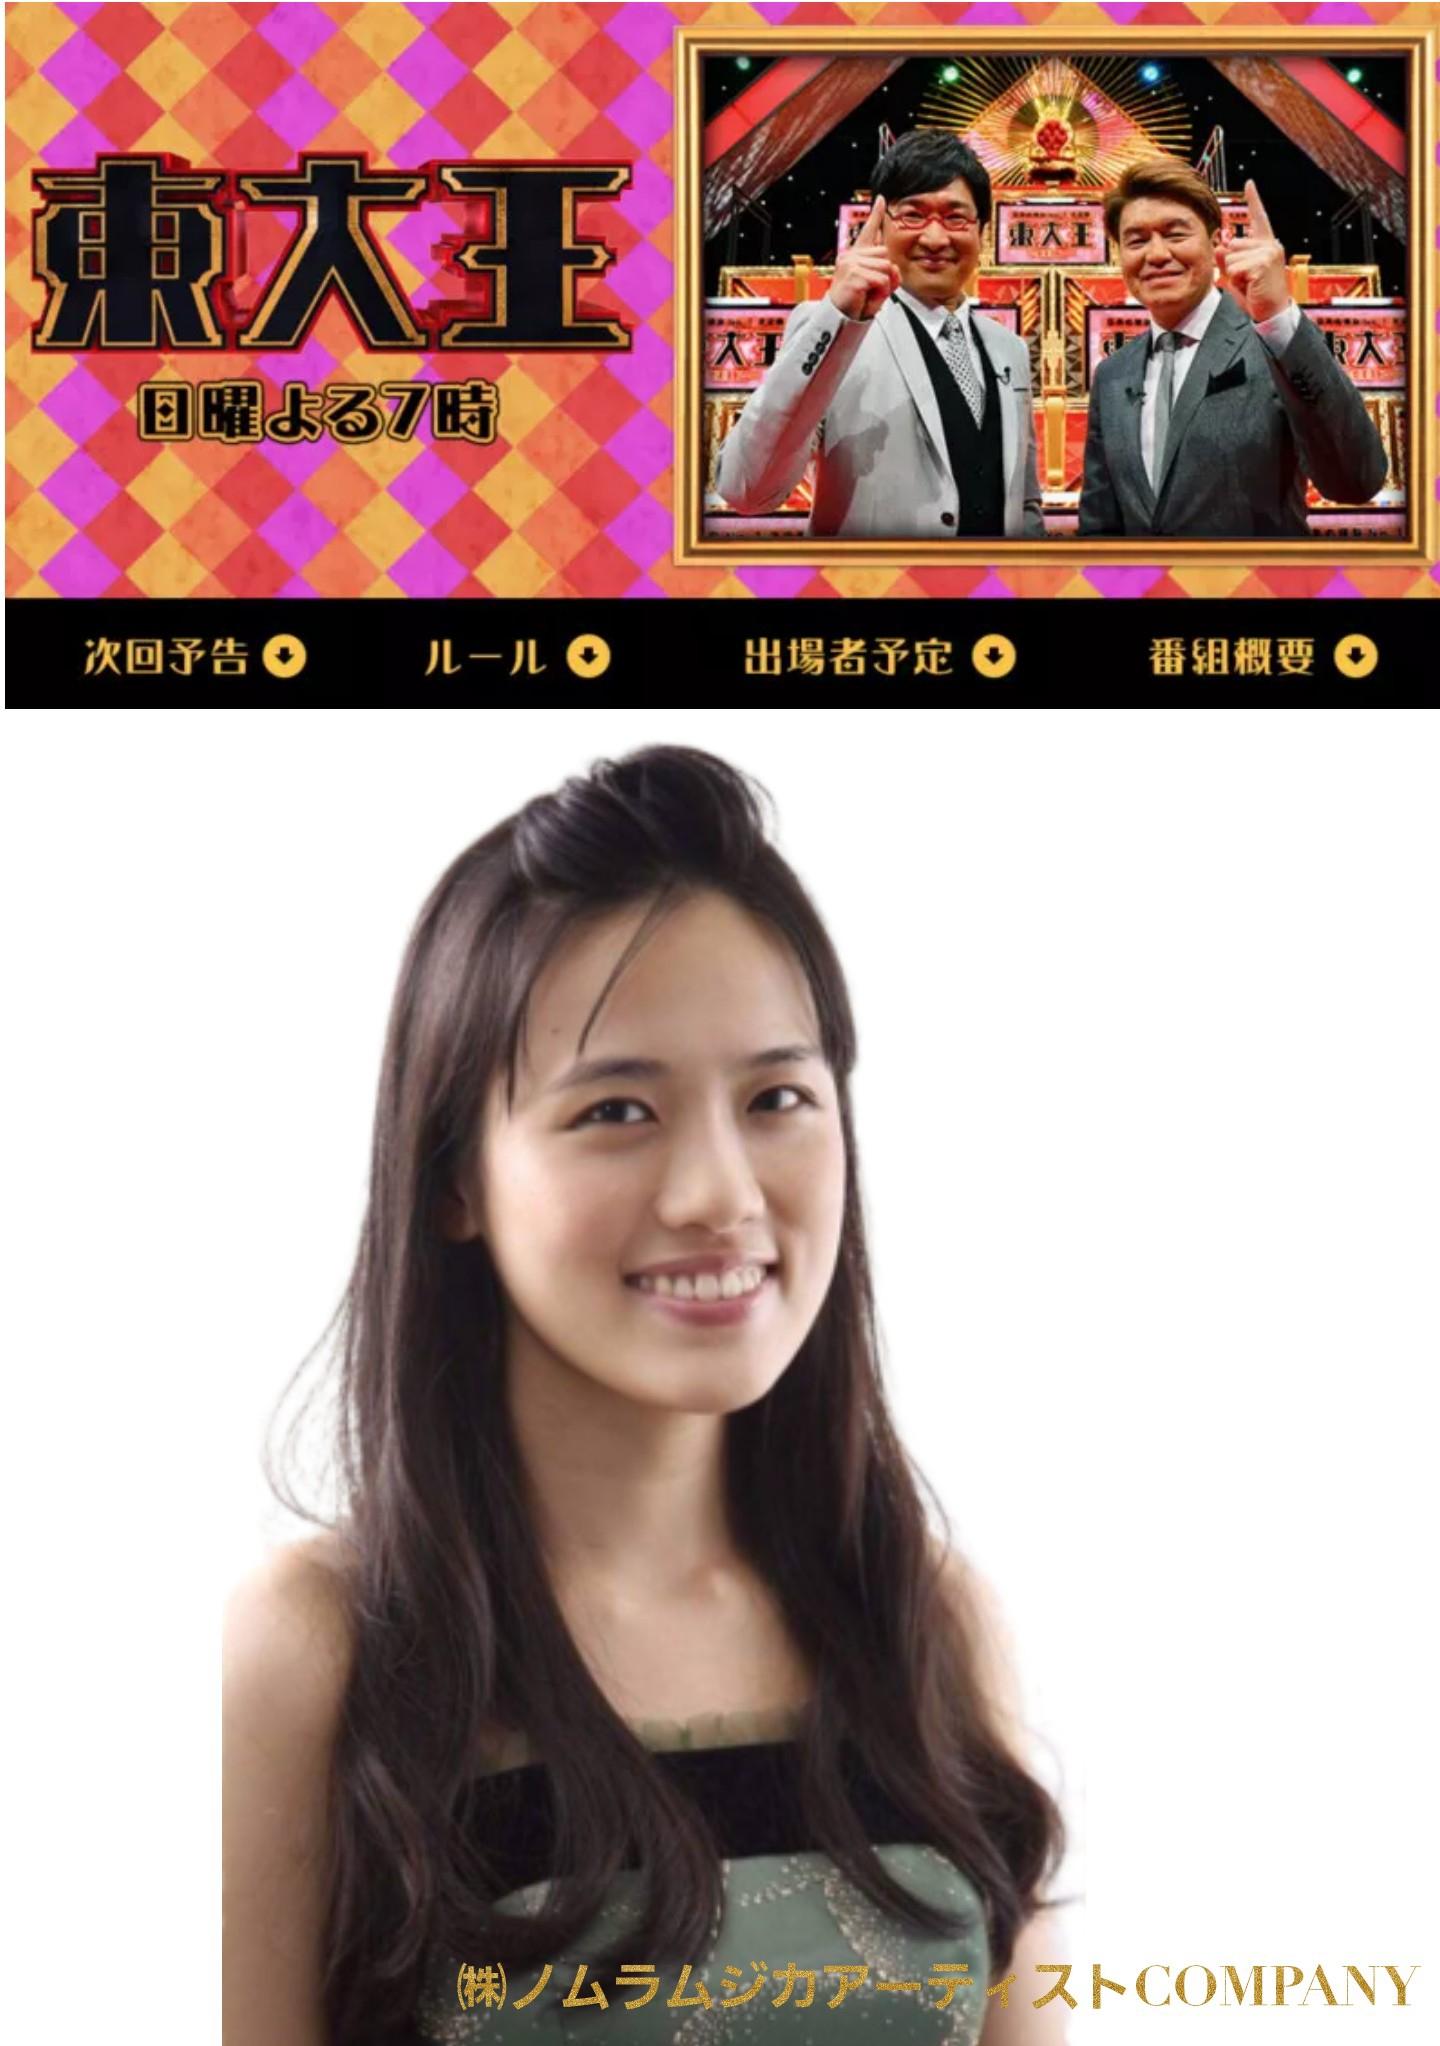 テレビ出演のピアニスト